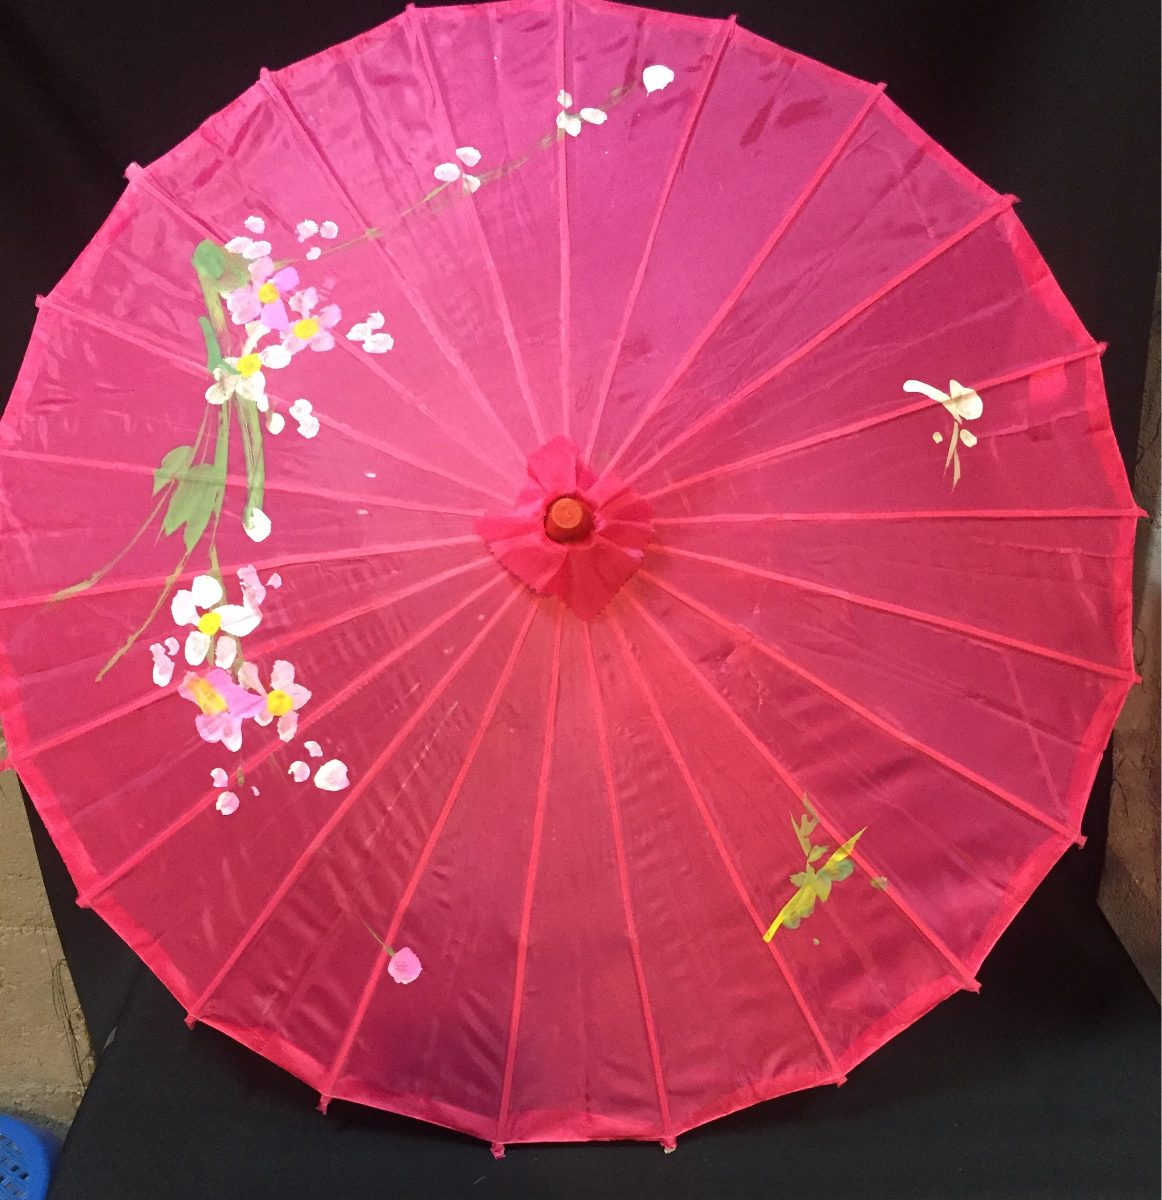 Sombrilla china de tela tradicional varios colores 220 for Tela para sombrillas